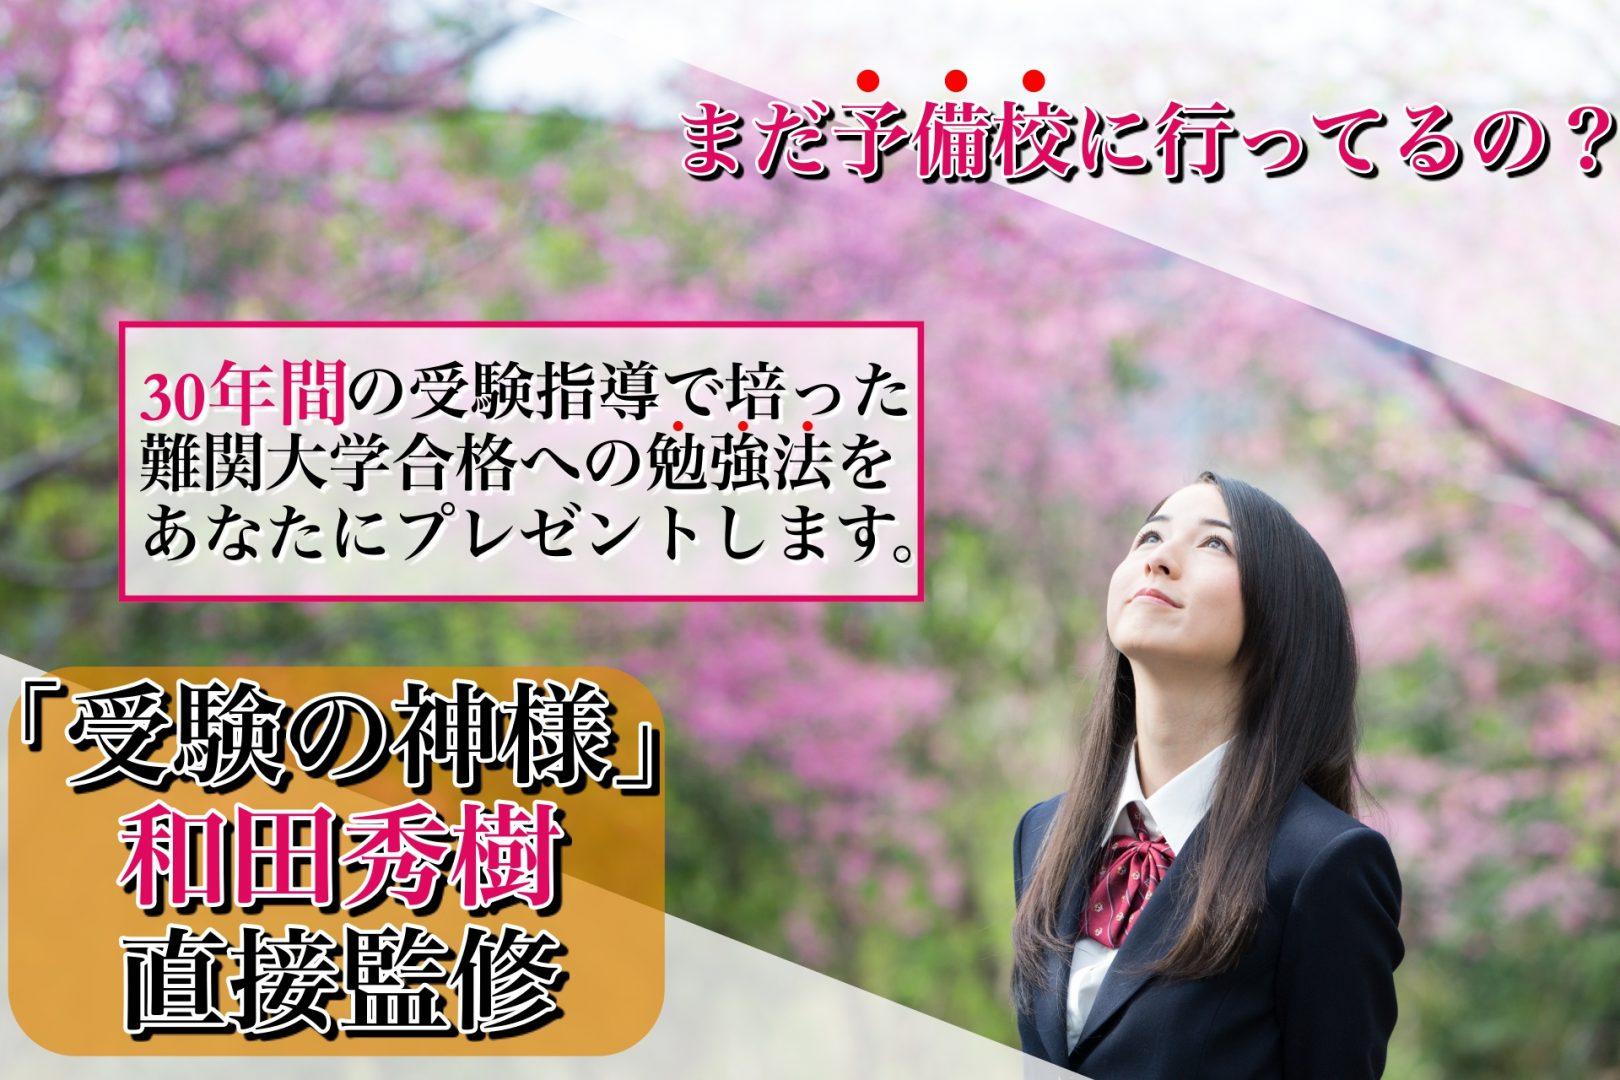 和田秀樹監修の勉強法を無料公開